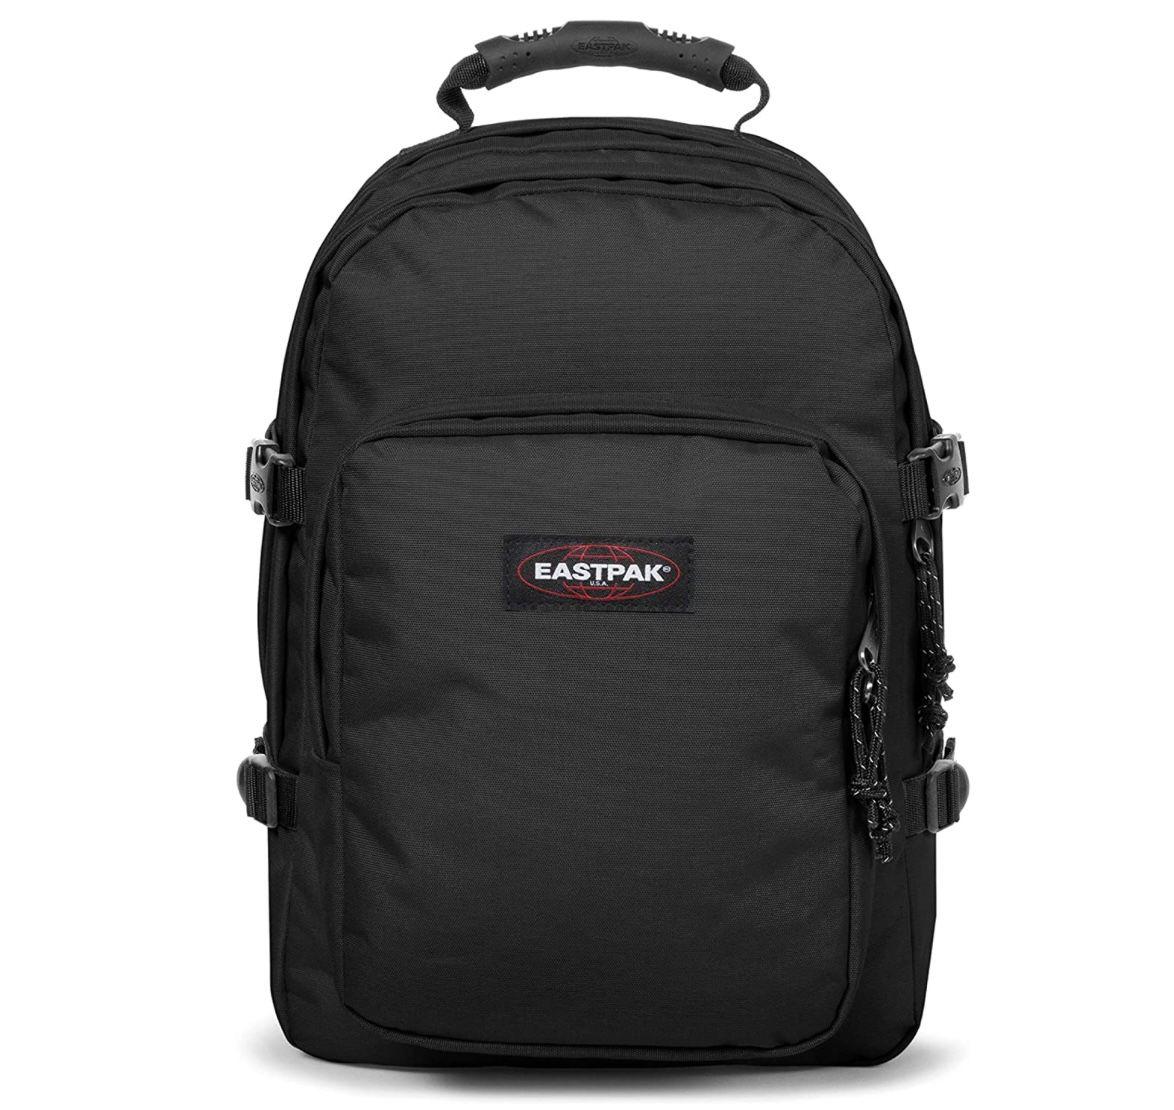 Eastpak Provider Rucksack 33 Liter in Schwarz für 44,50€ (statt 65€)